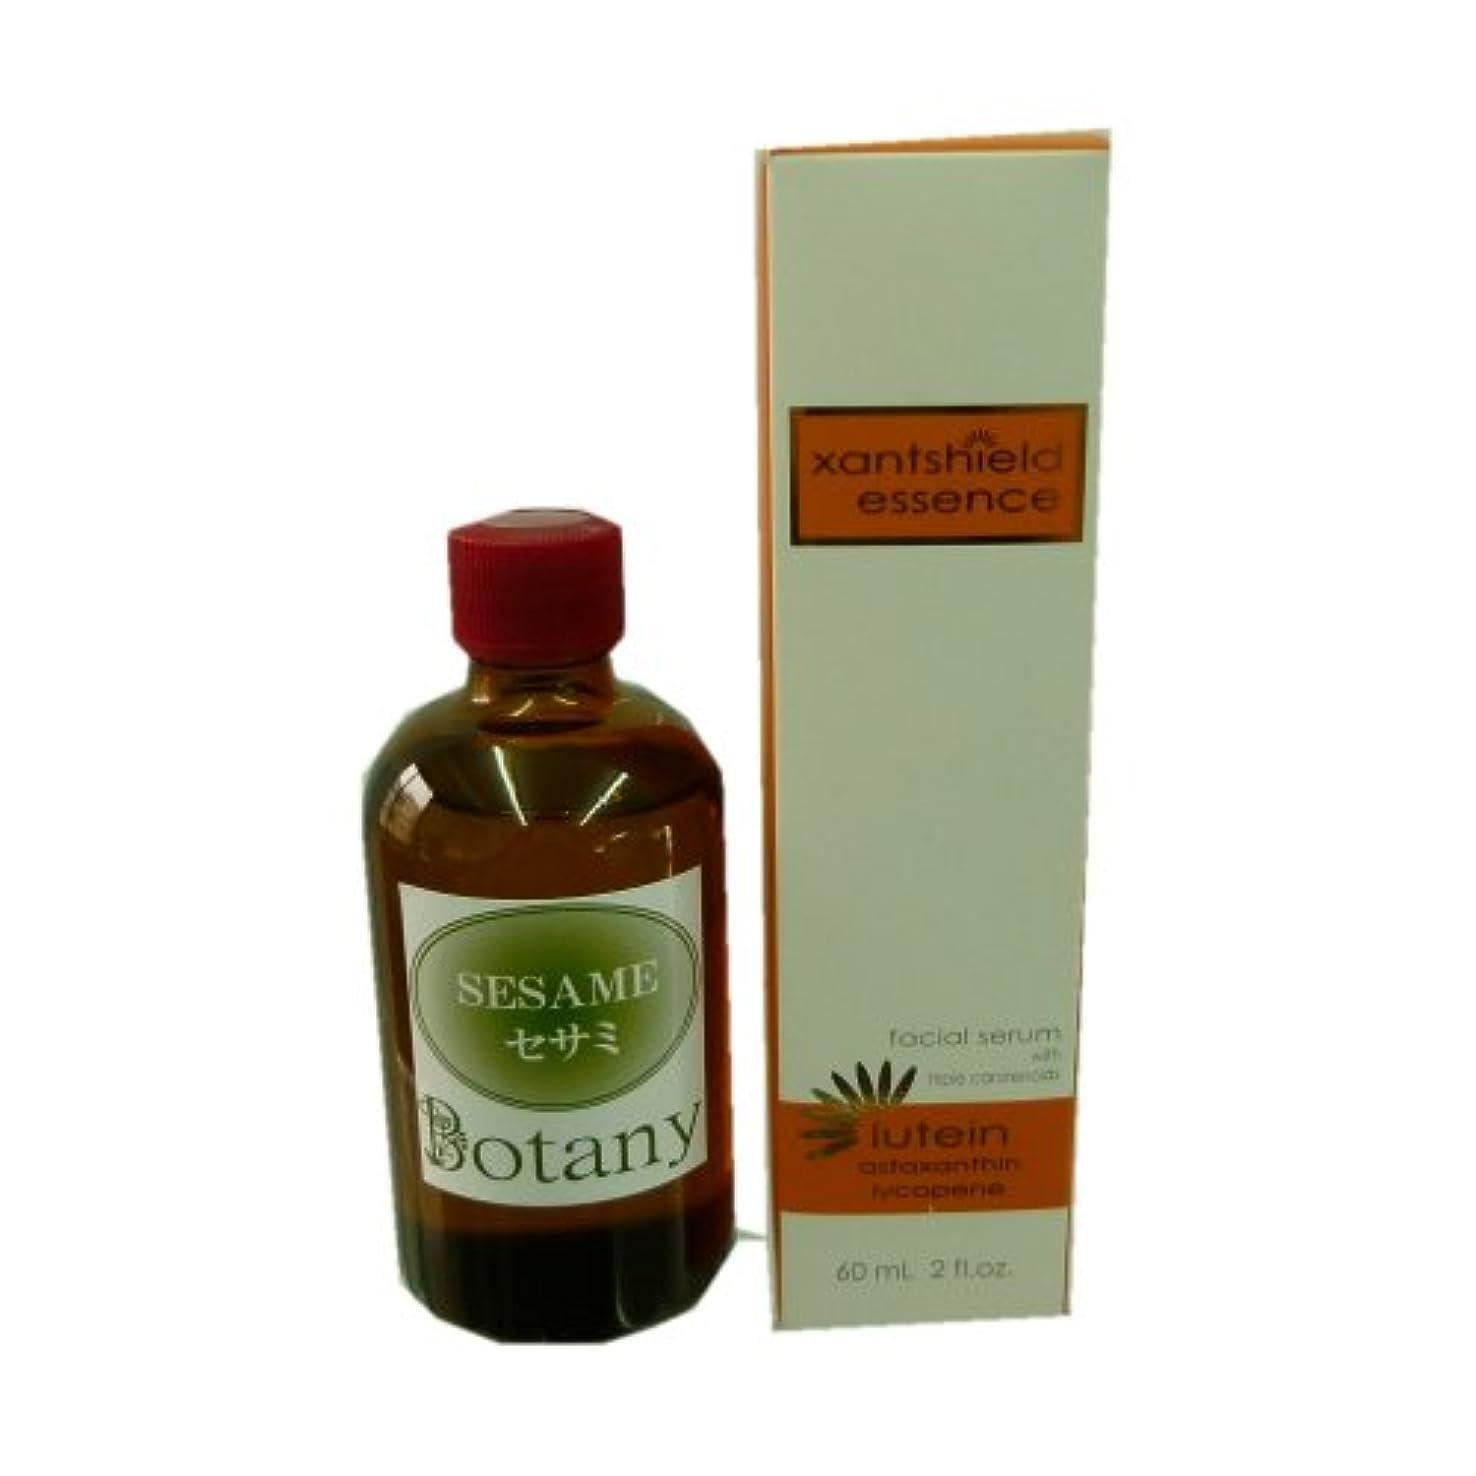 歌気性動力学サンシールドエッセンス美容液+Botanyセサミオイル